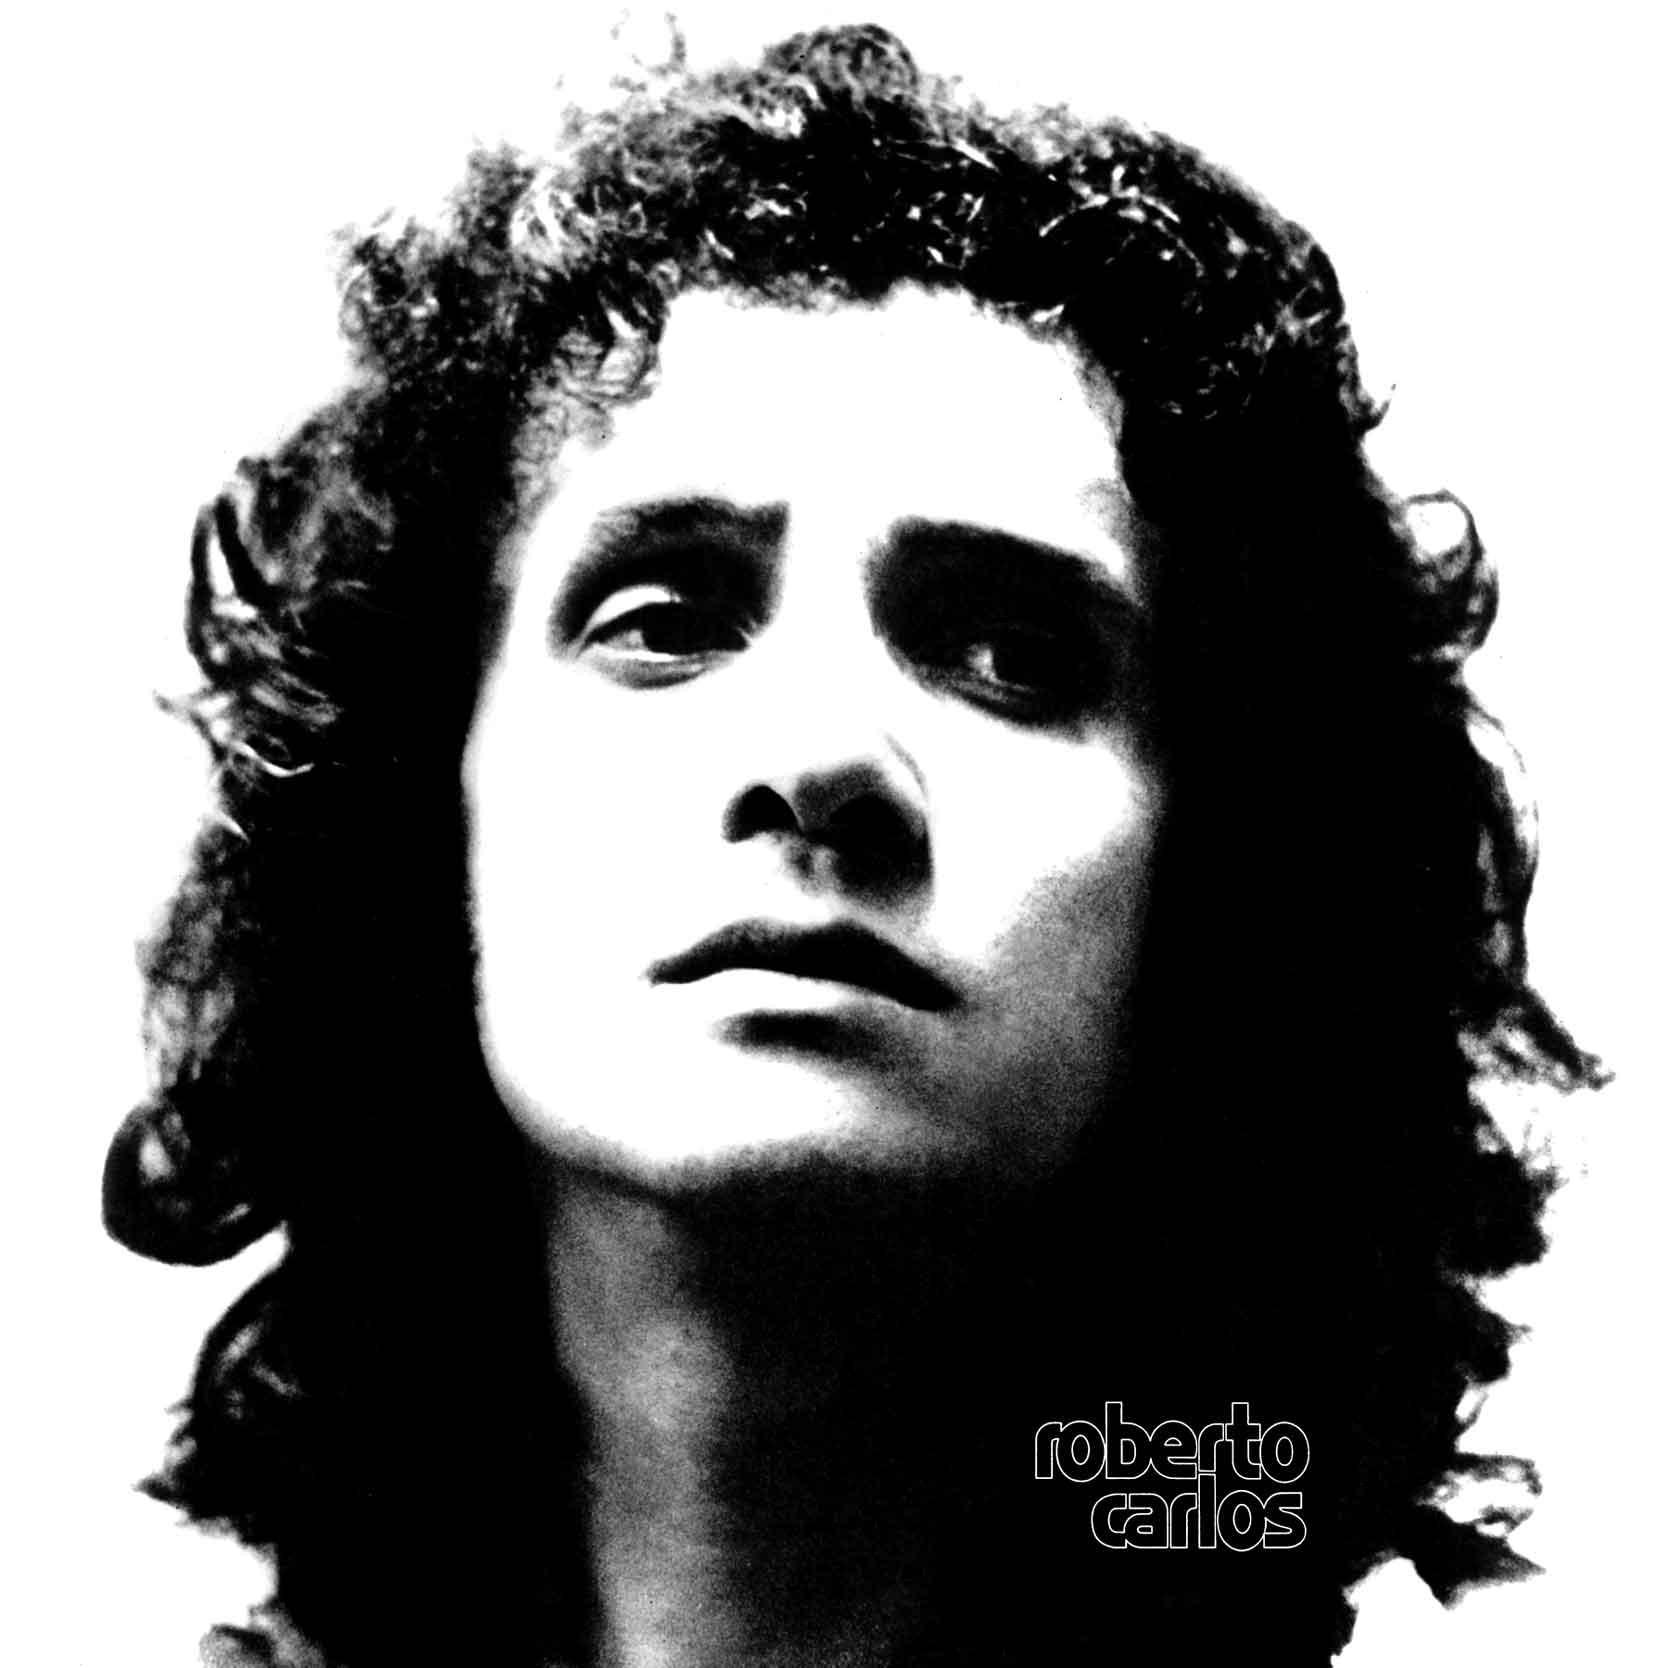 Discos para descobrir em casa – 'Roberto Carlos', Roberto Carlos, 1972